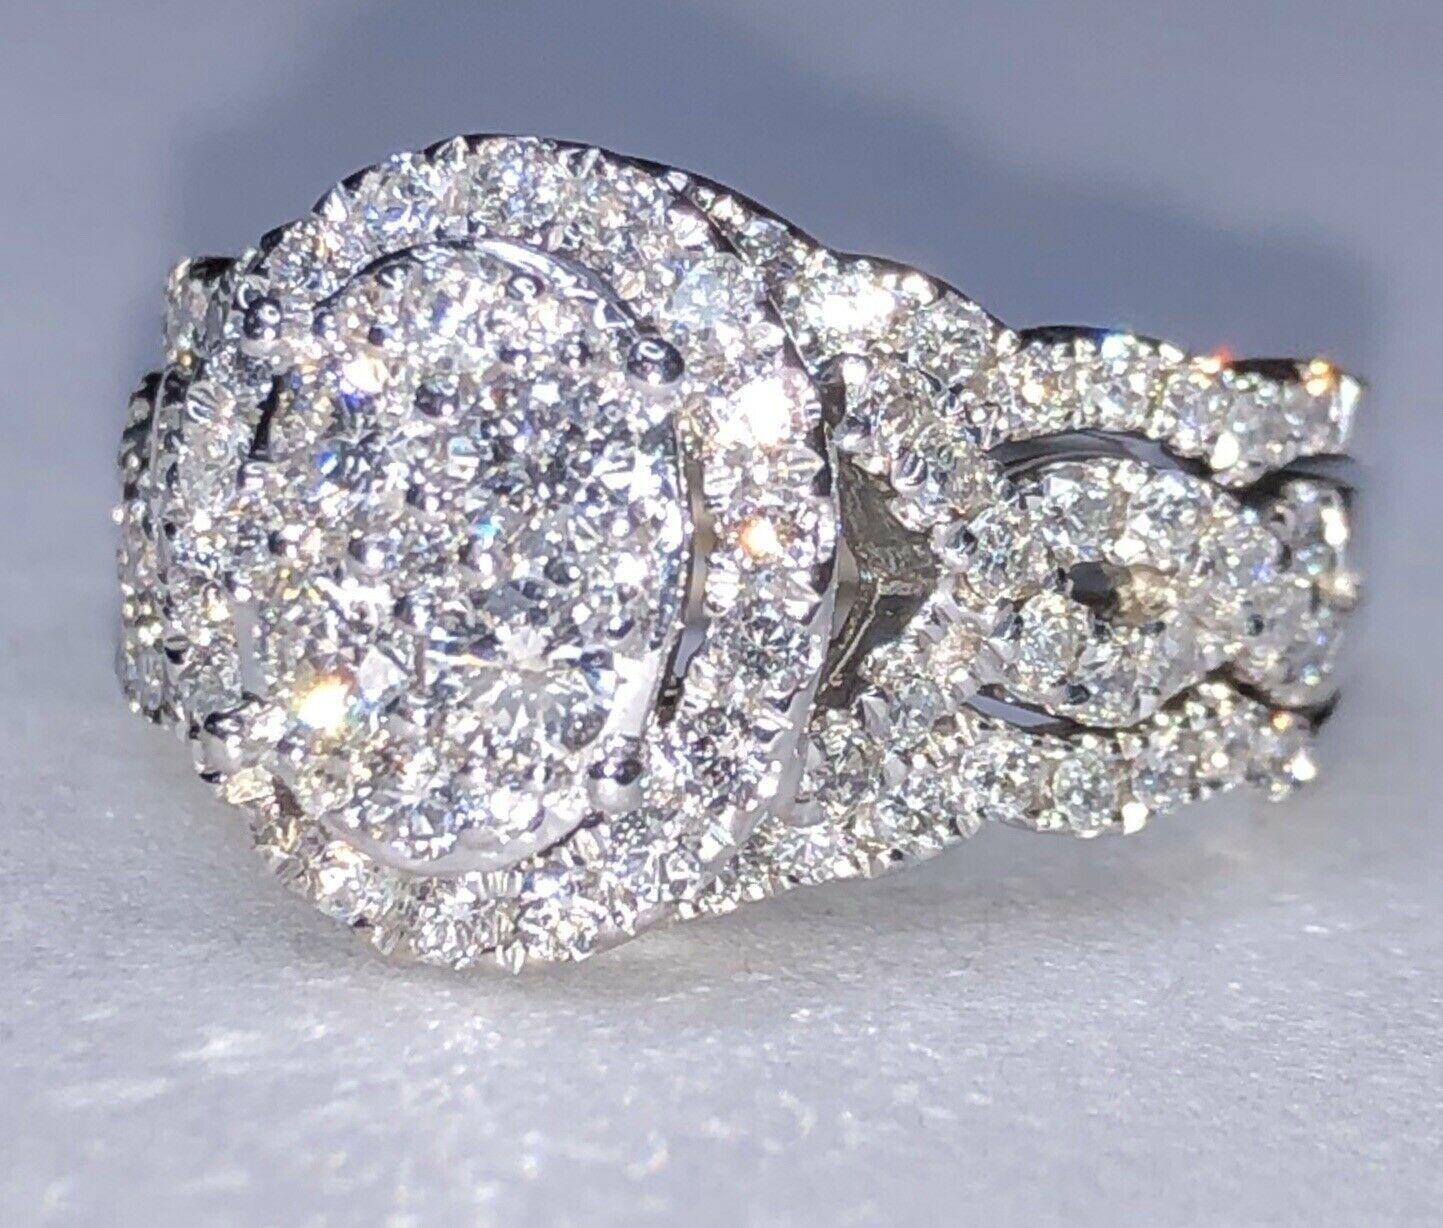 14k White Gold 1.42CT Diamond Engagement Wedding Ring Set Appraisal $2150.00 KAY